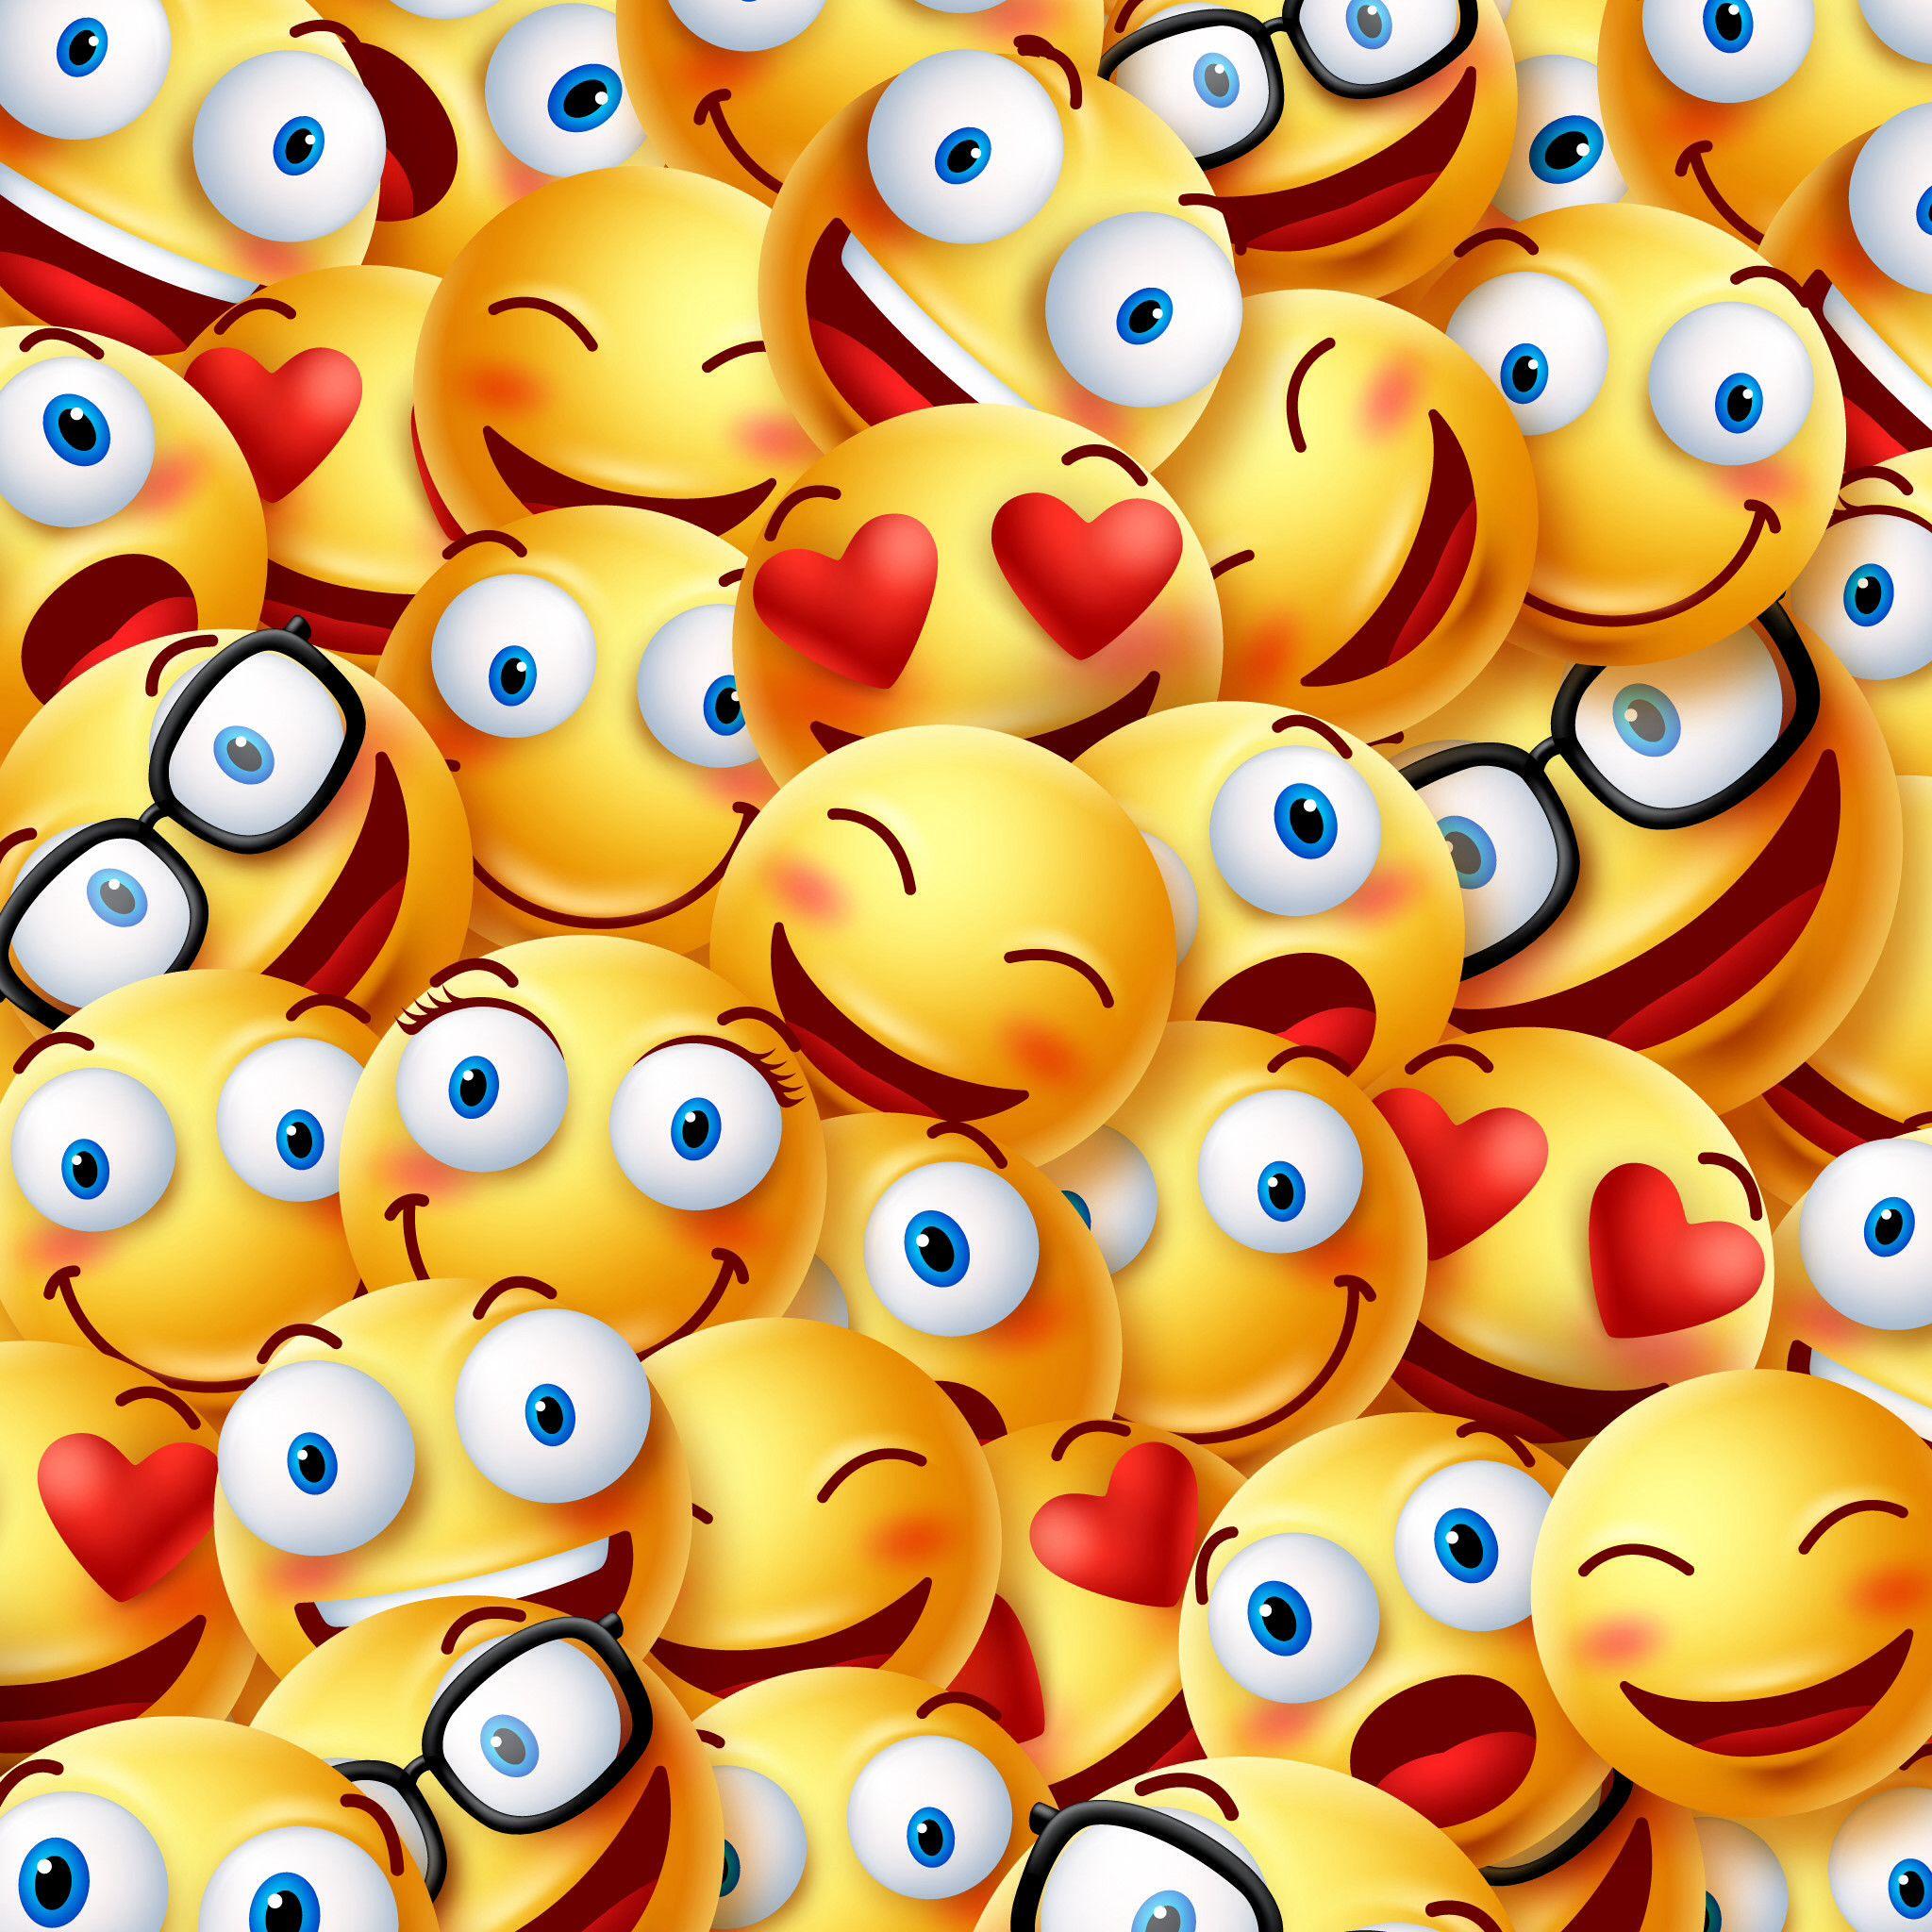 Pin by Josephine Alvarado on All Things Emoji, Emoticons